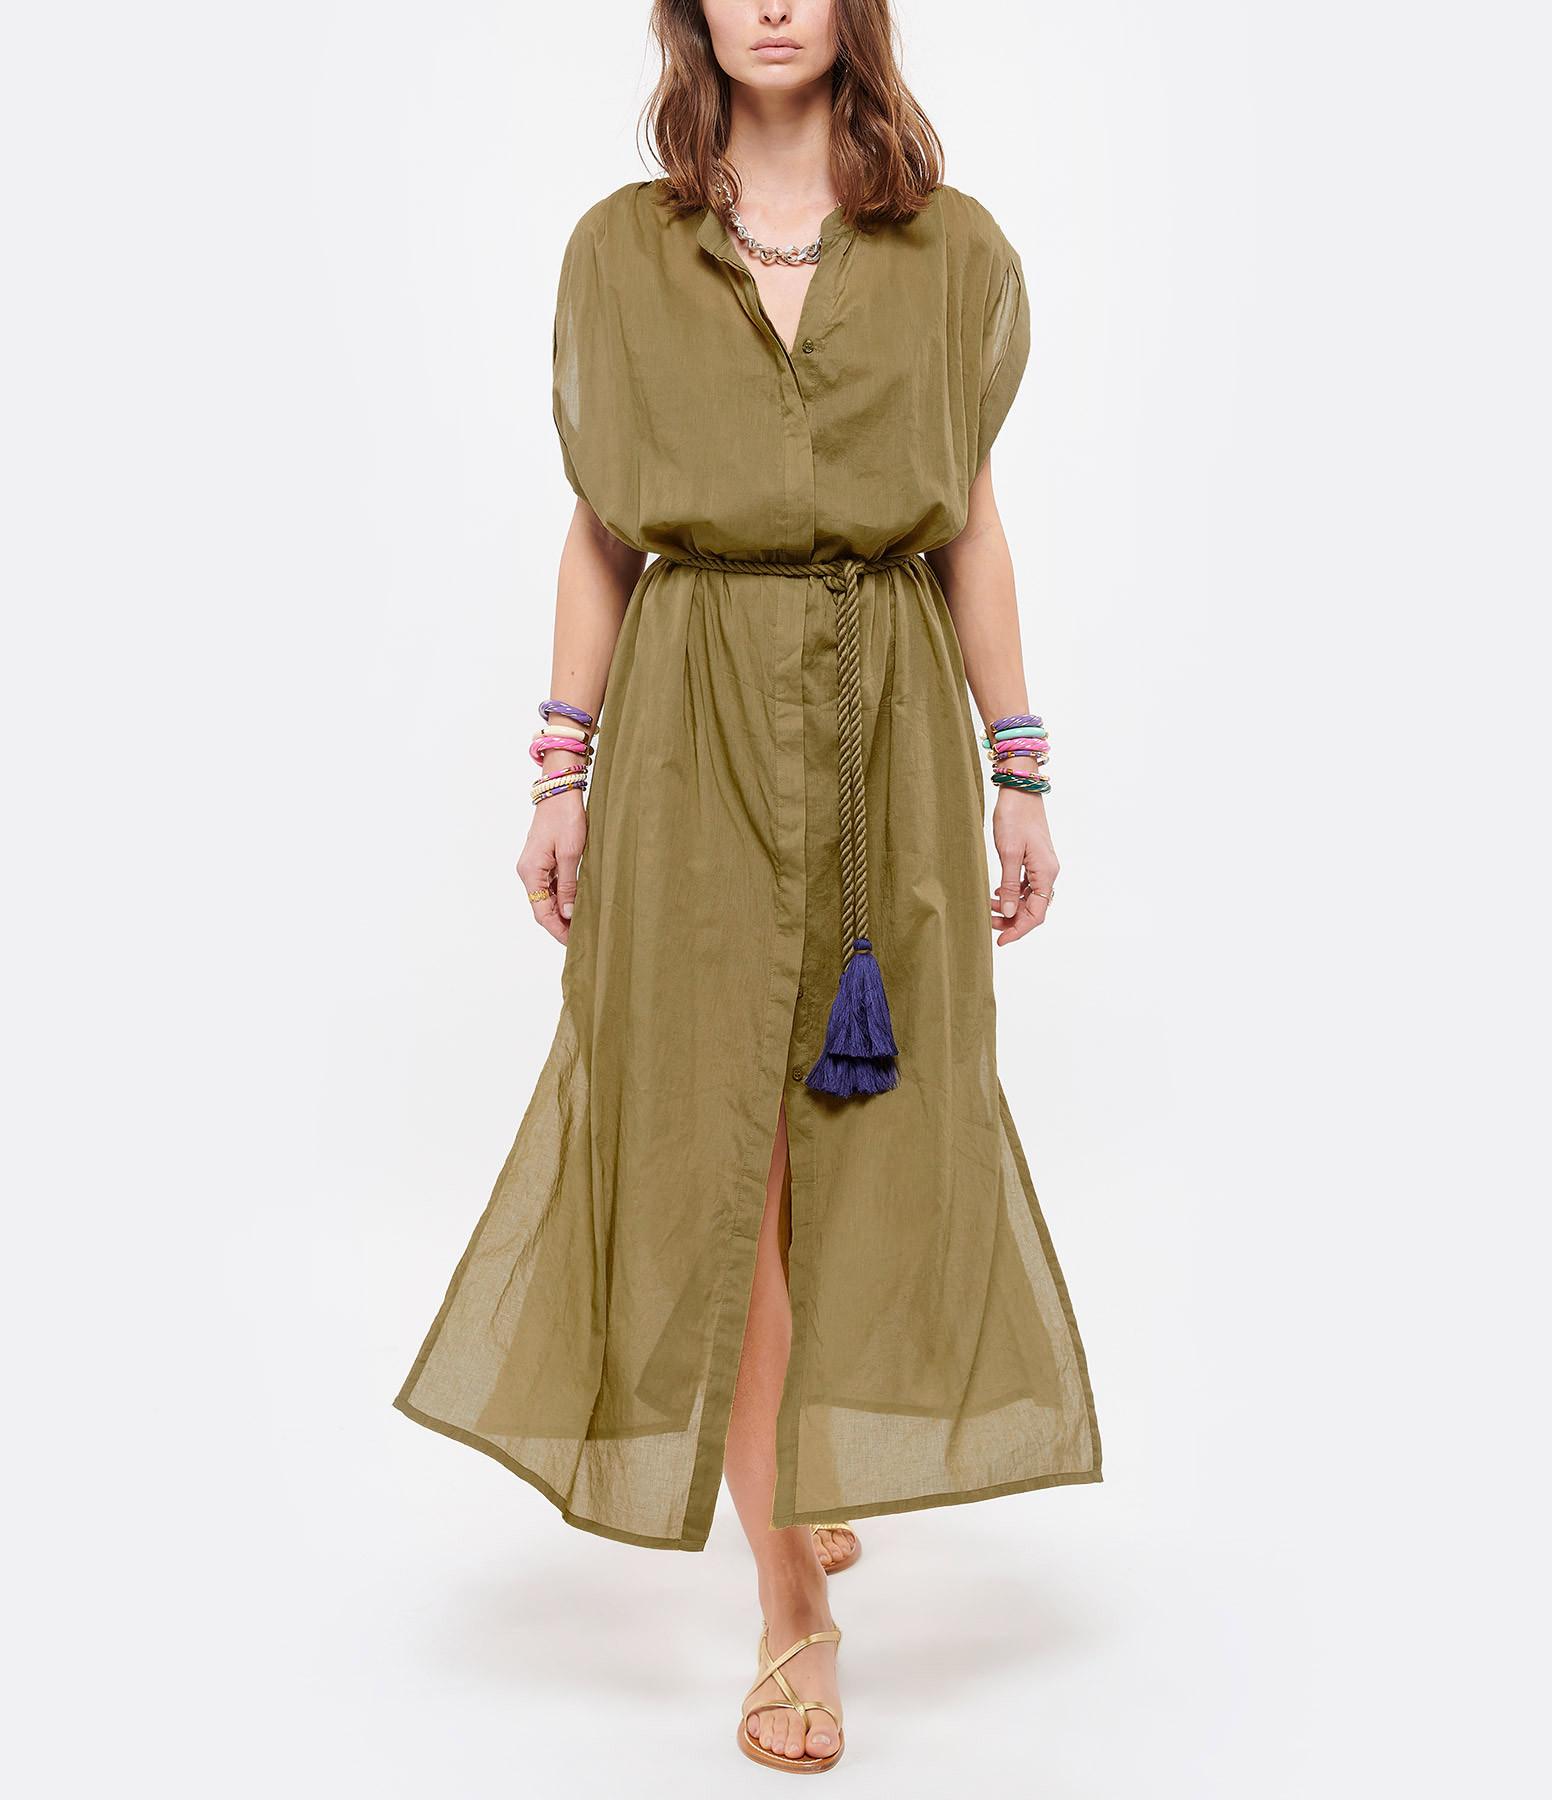 MARE DI LATTE - Robe Helena Coton Vert